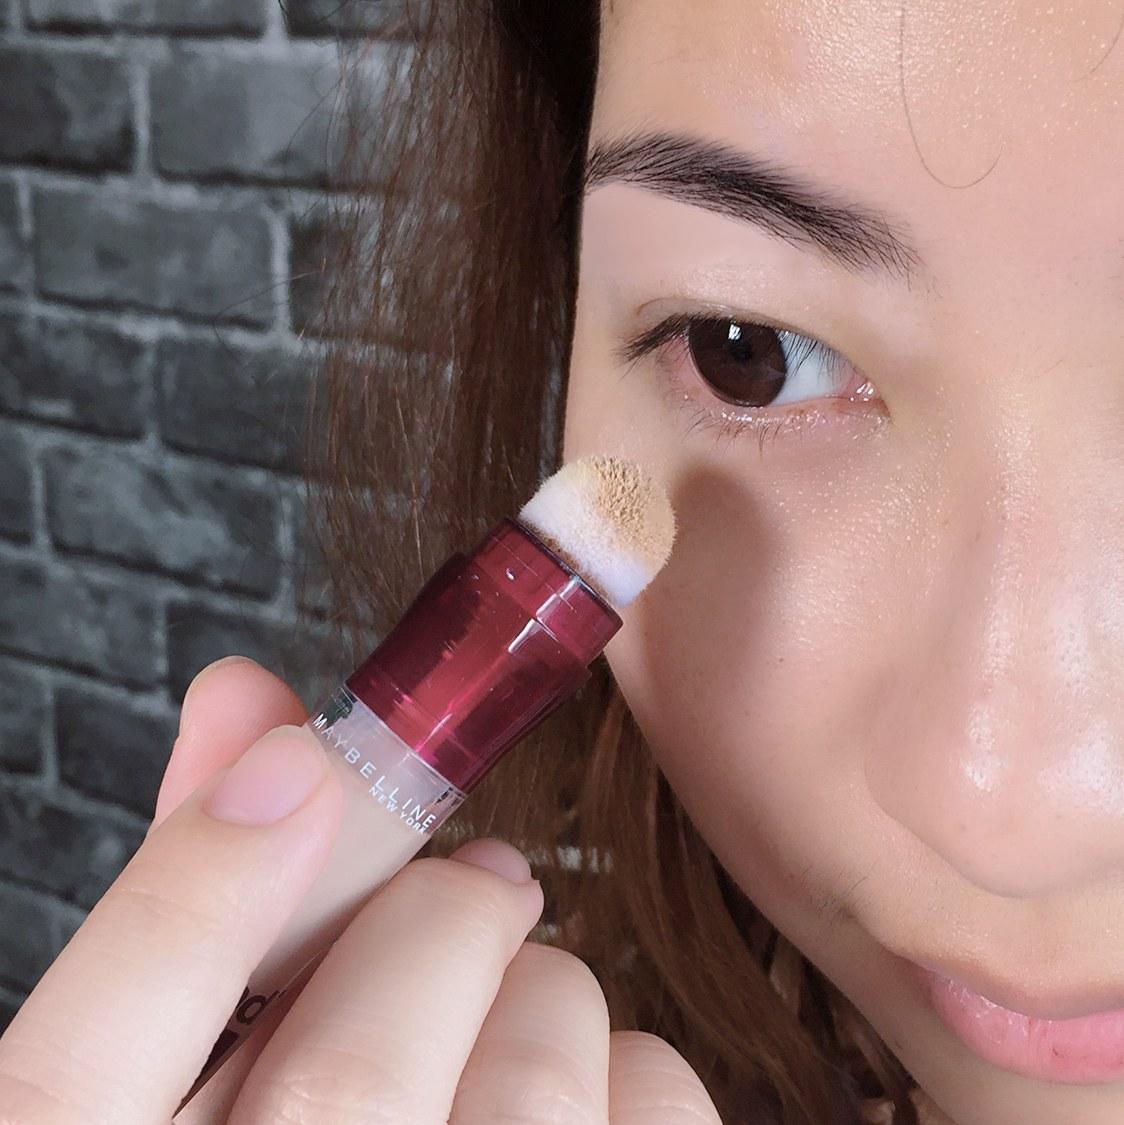 使用起來也很順手,只需要塗抹在黑眼圈處即可!